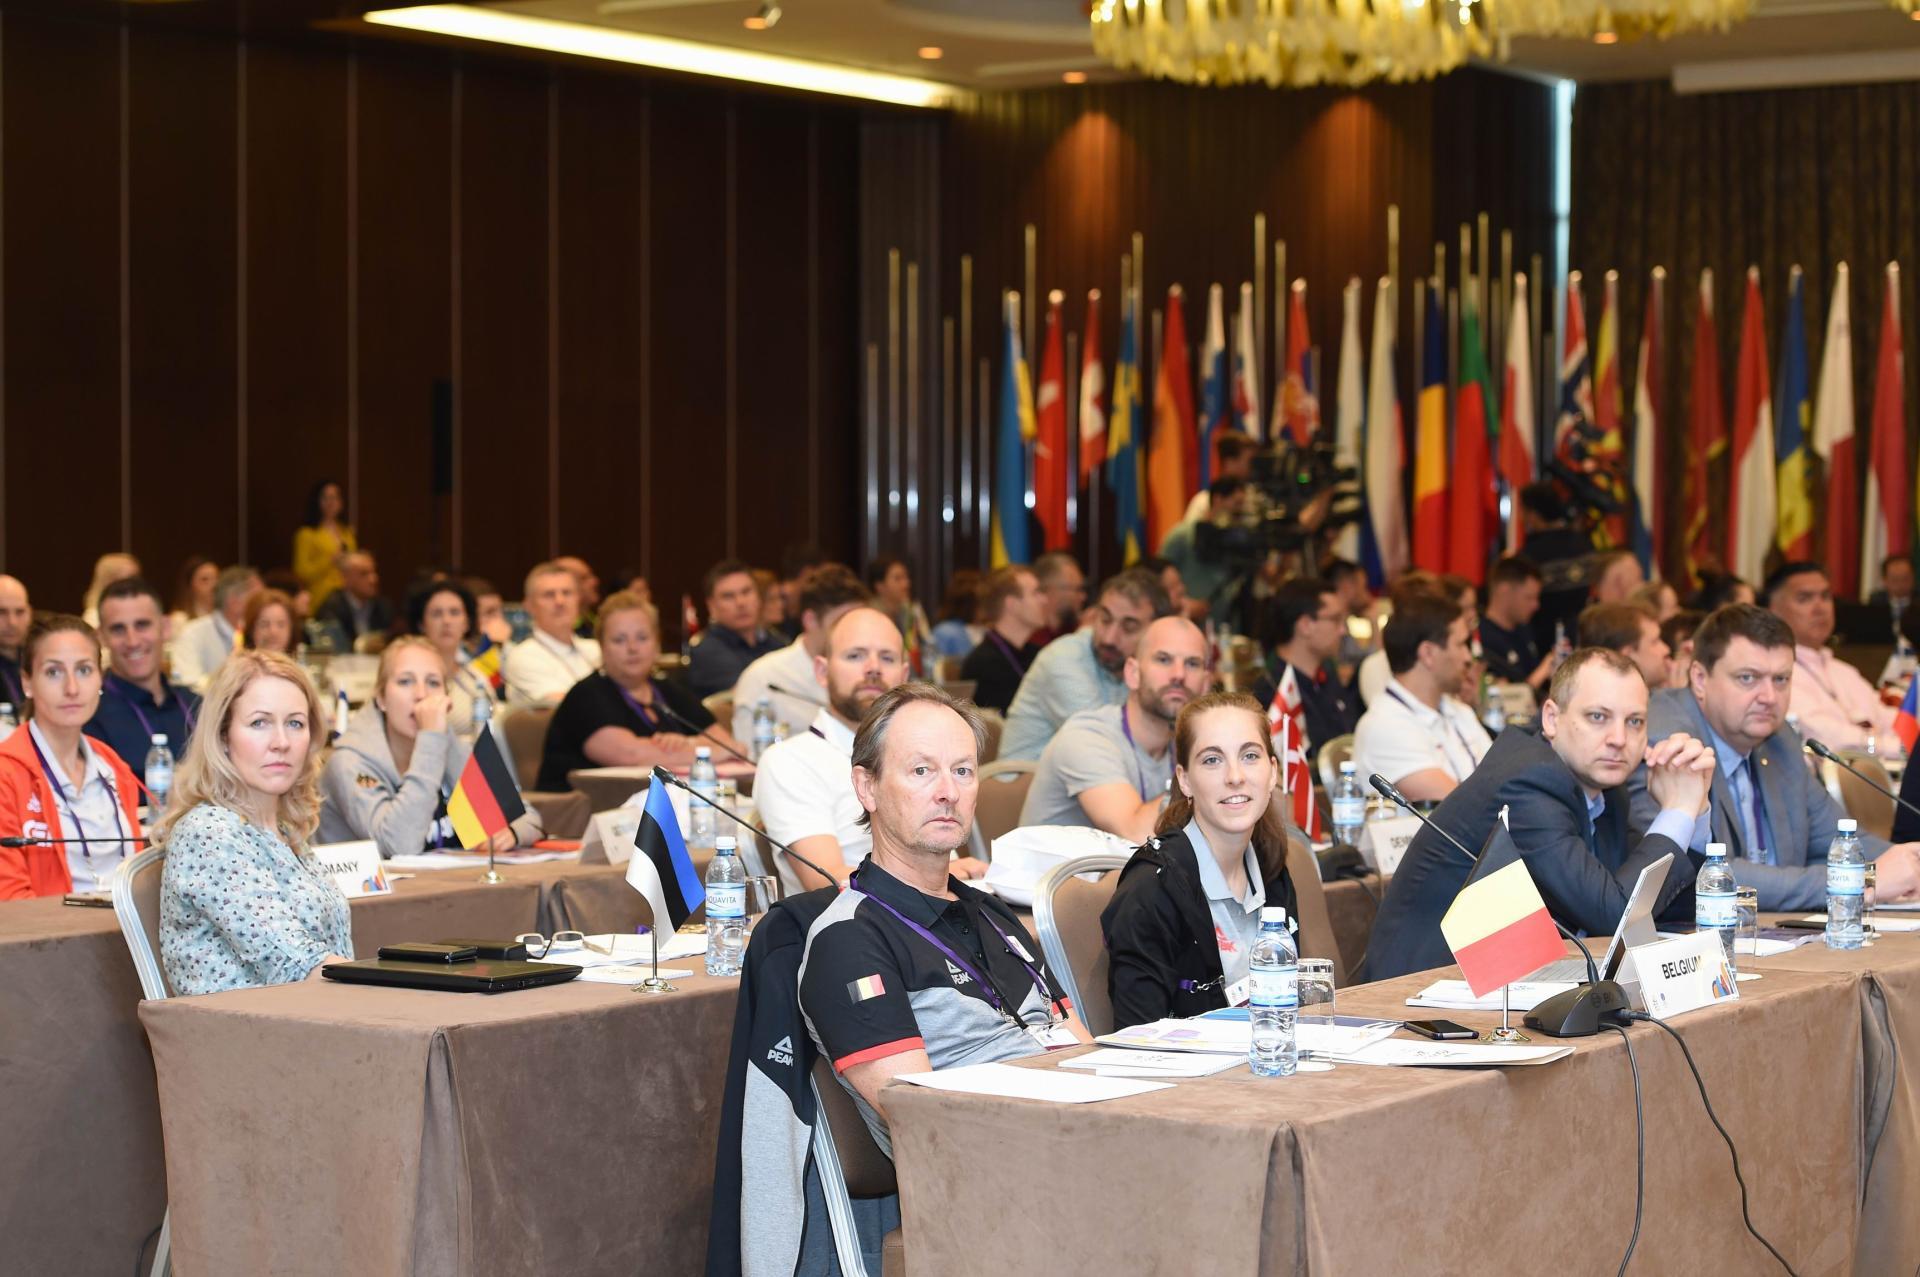 Bakıda Avropa Gənclər Yay Olimpiya Festivalı ilə bağlı seminar keçirilib (FOTO) - Gallery Image